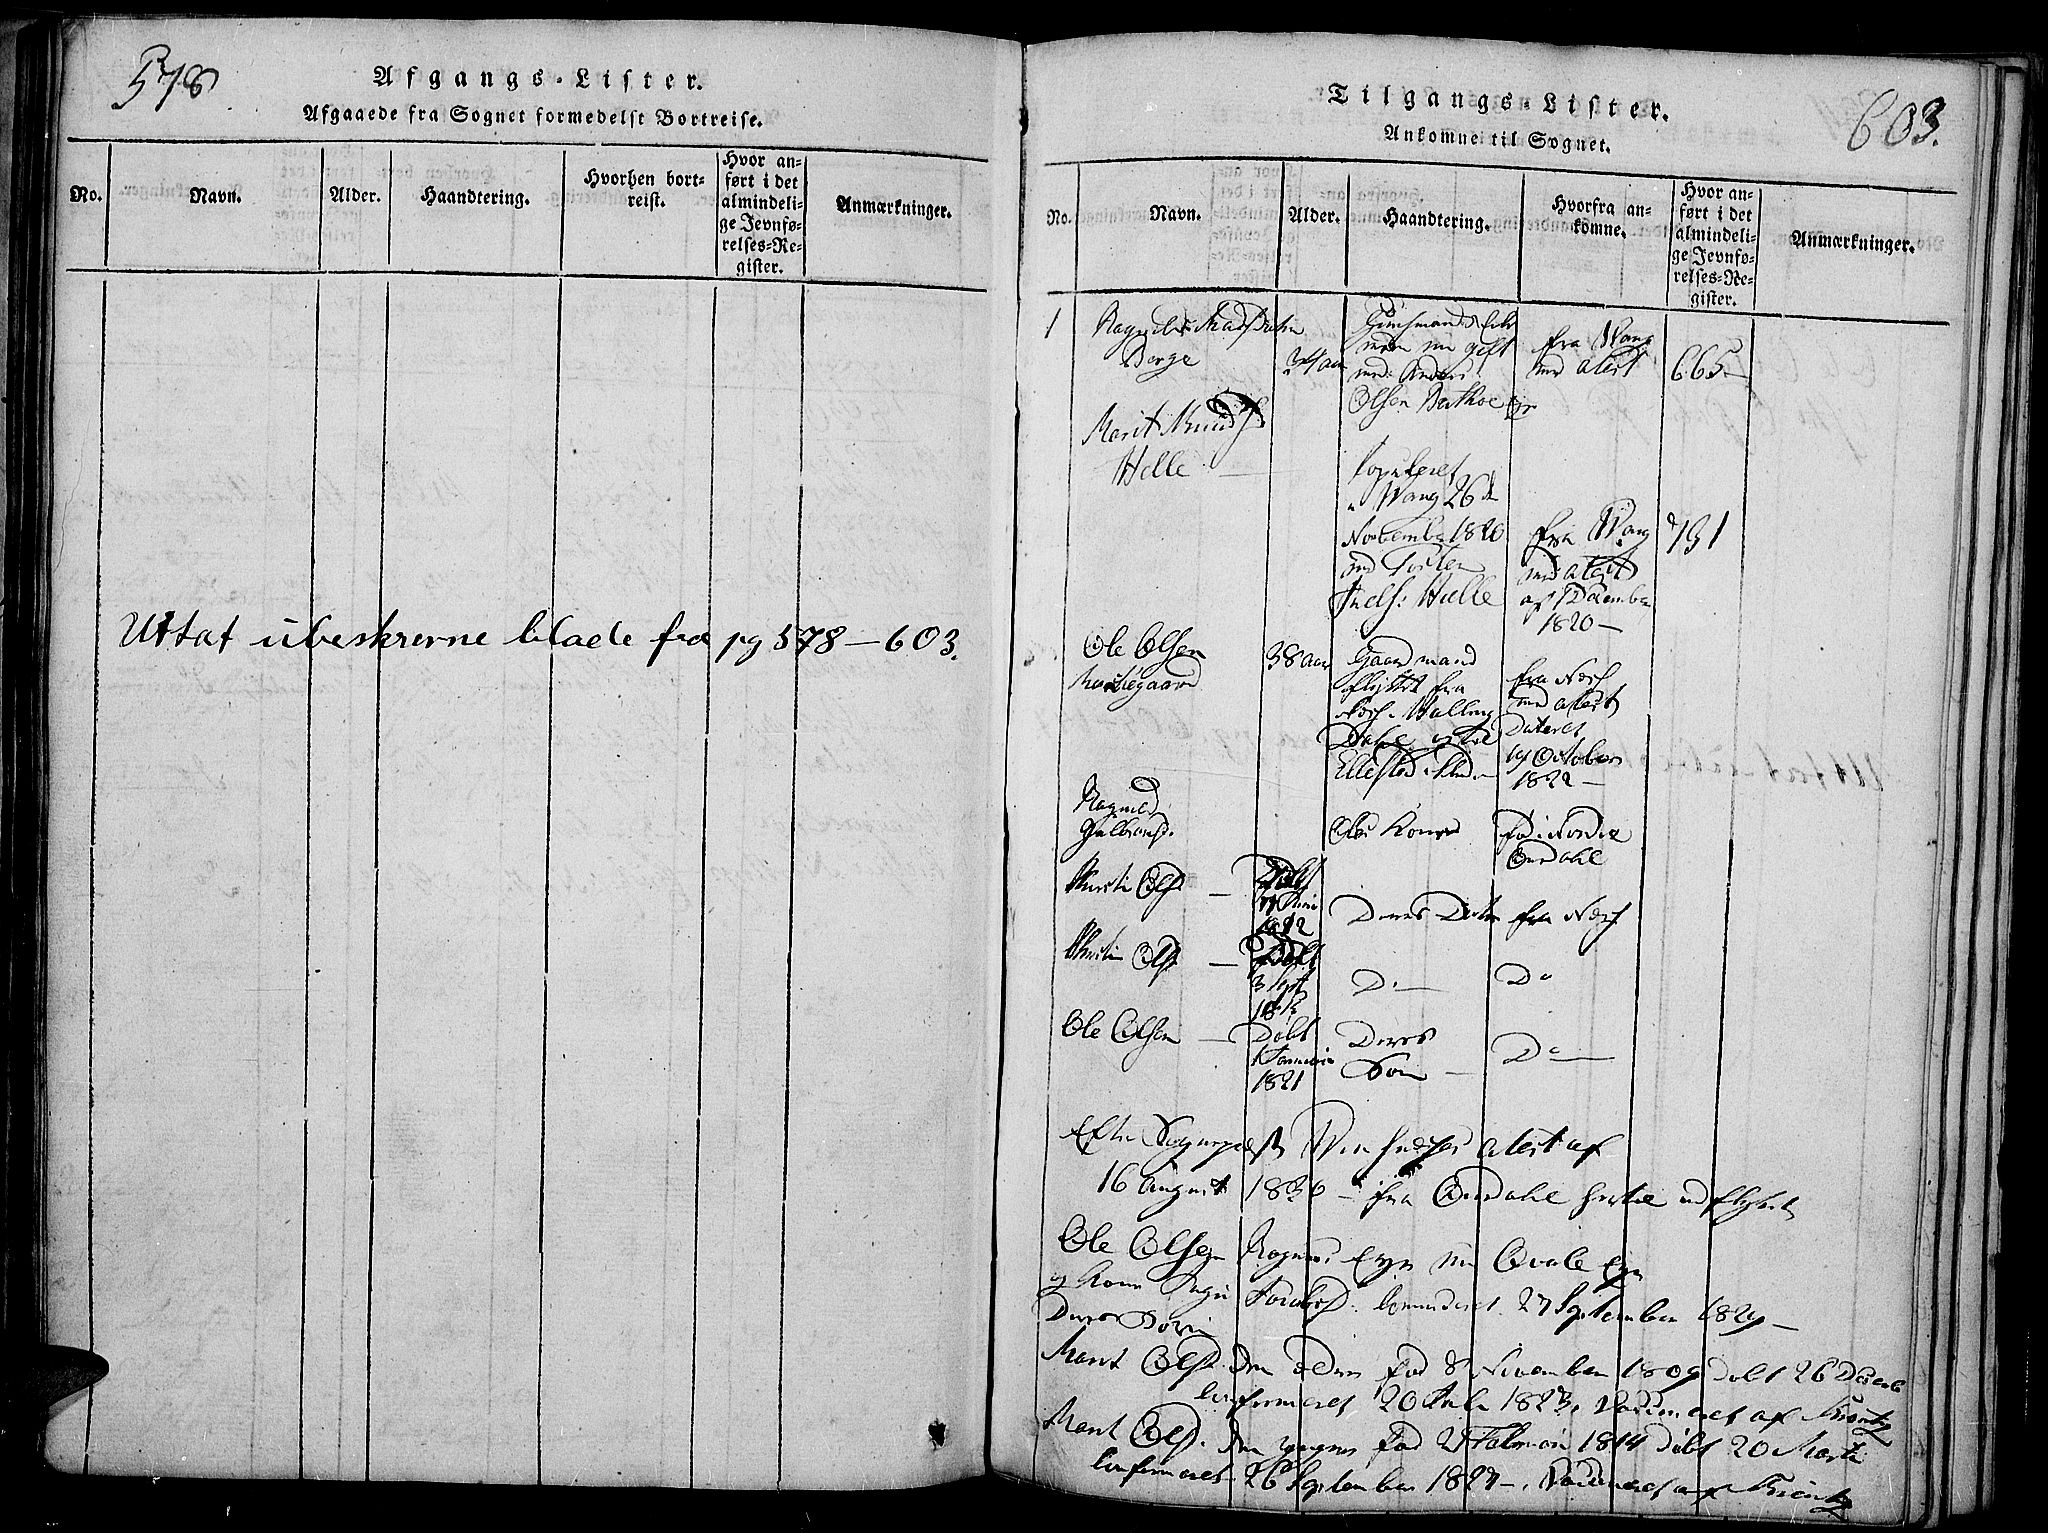 SAH, Slidre prestekontor, Ministerialbok nr. 2, 1814-1830, s. 578-603